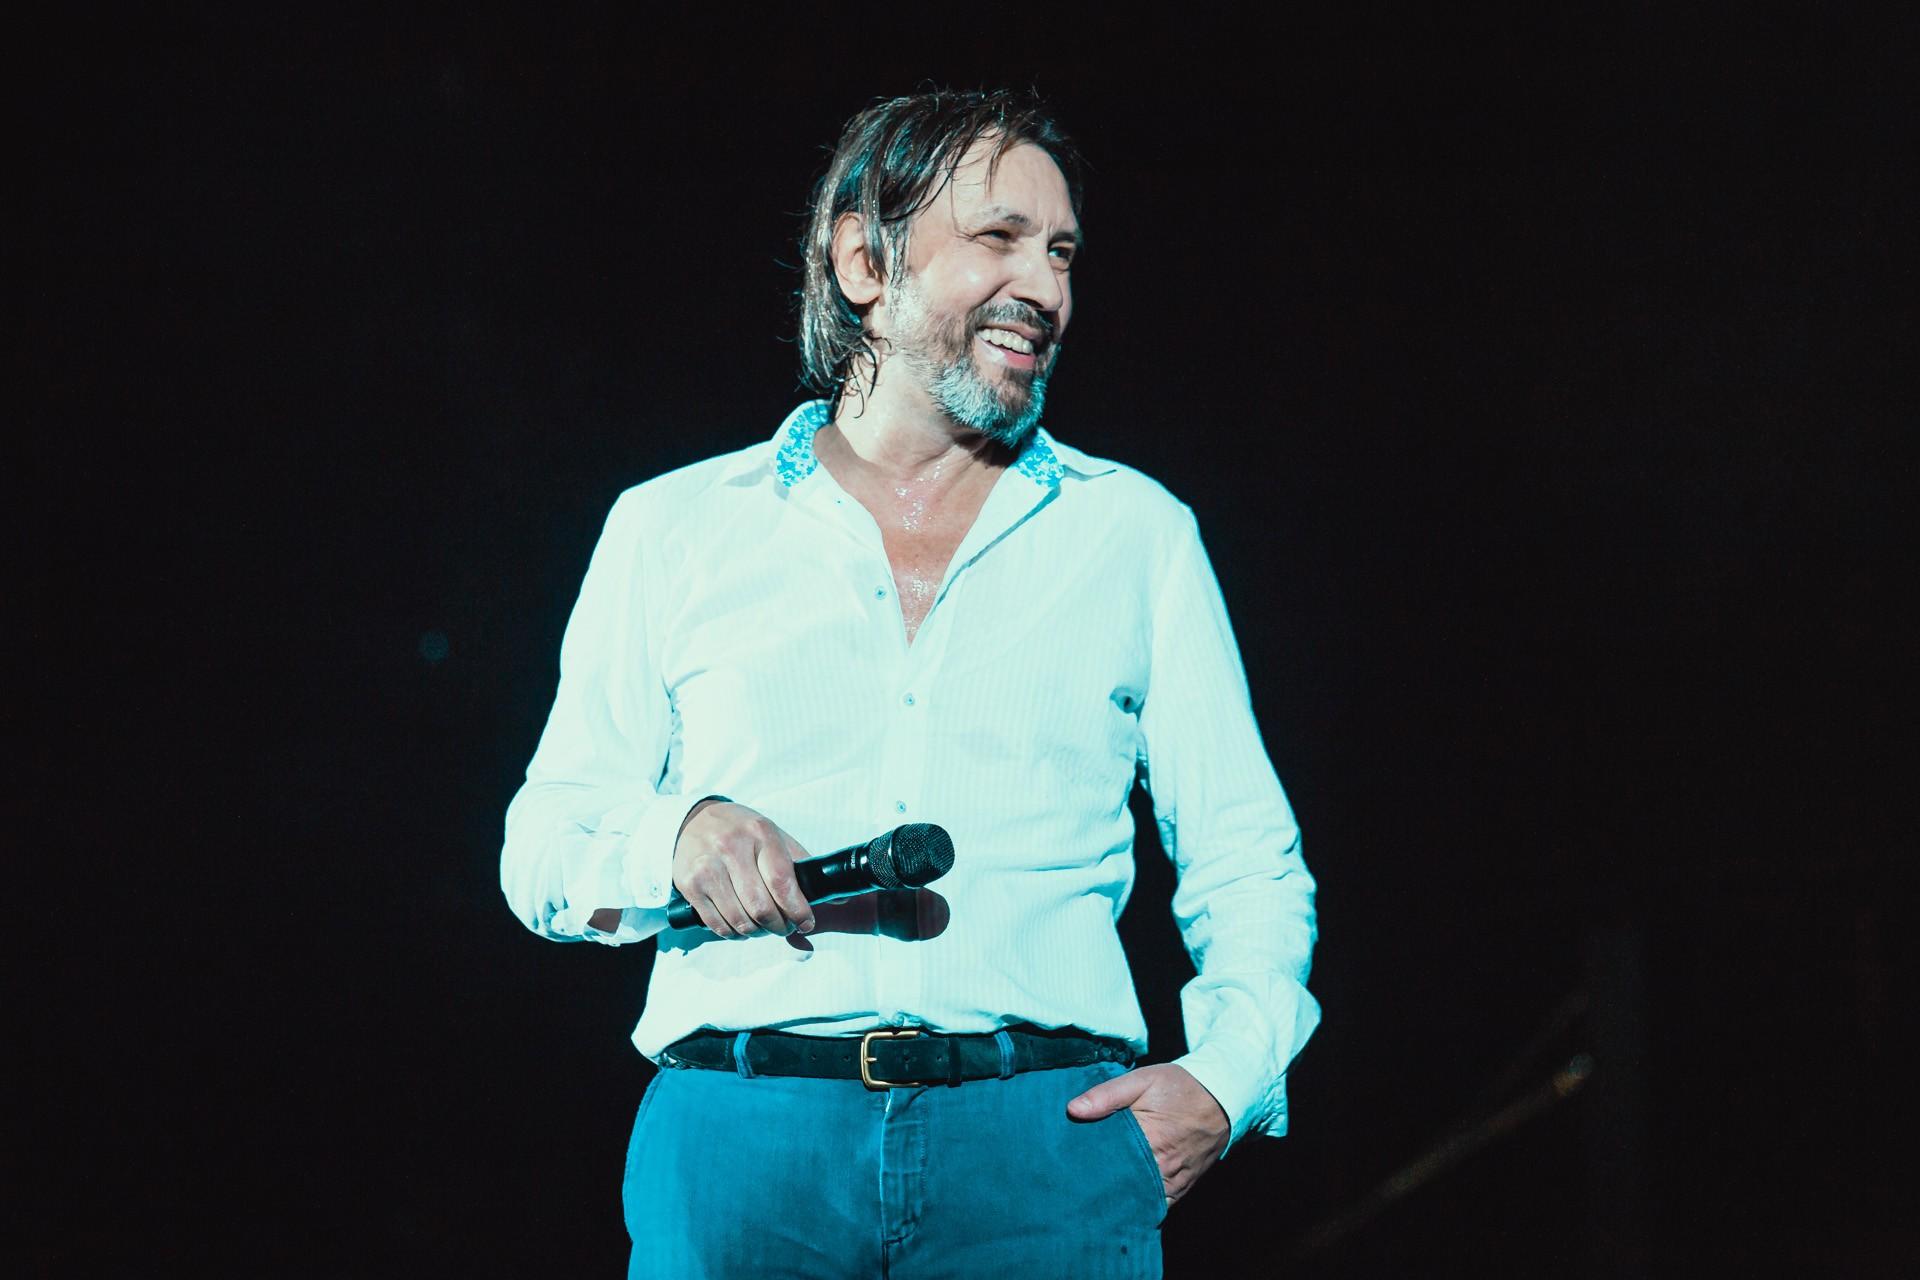 Состояние Николая Носкова ухудшилось: певца подключили каппарату жизнеобеспечения